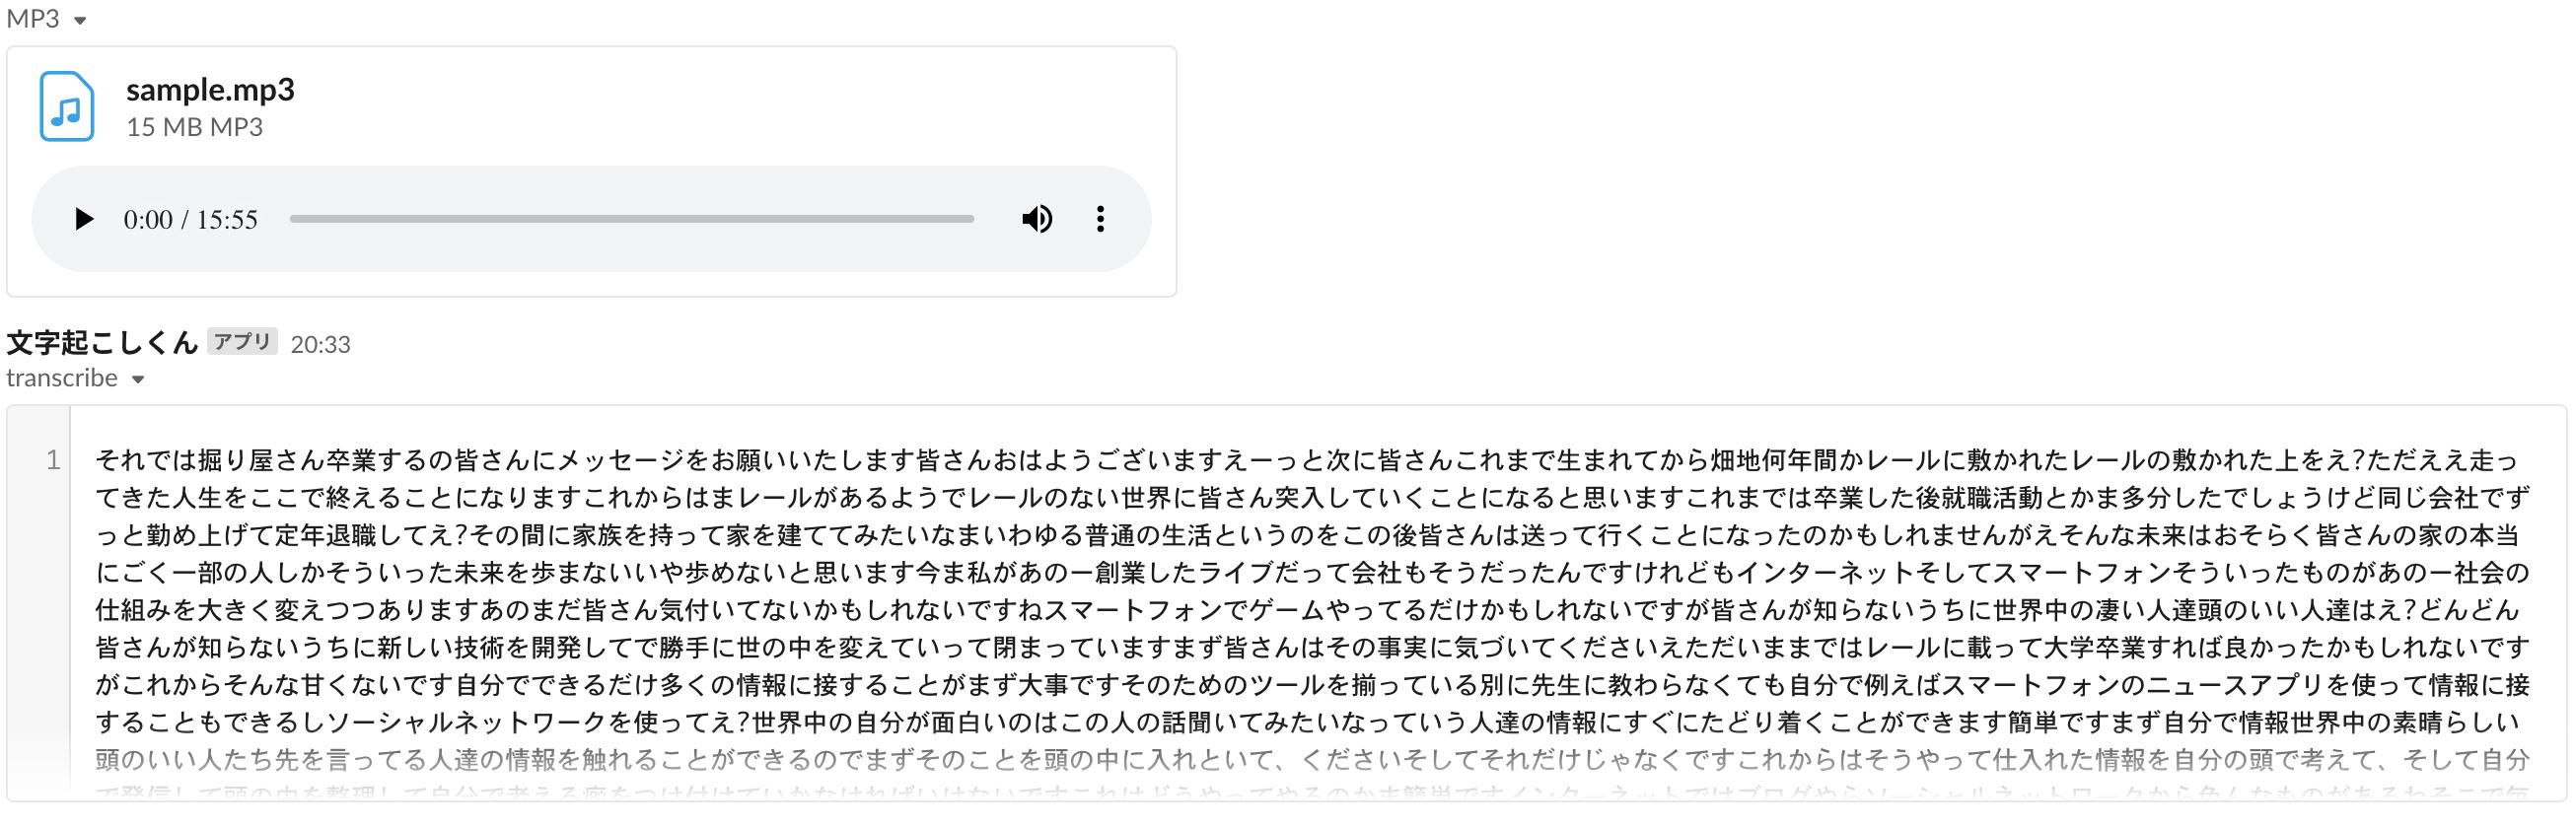 スクリーンショット 2020-03-13 18.51.30.png